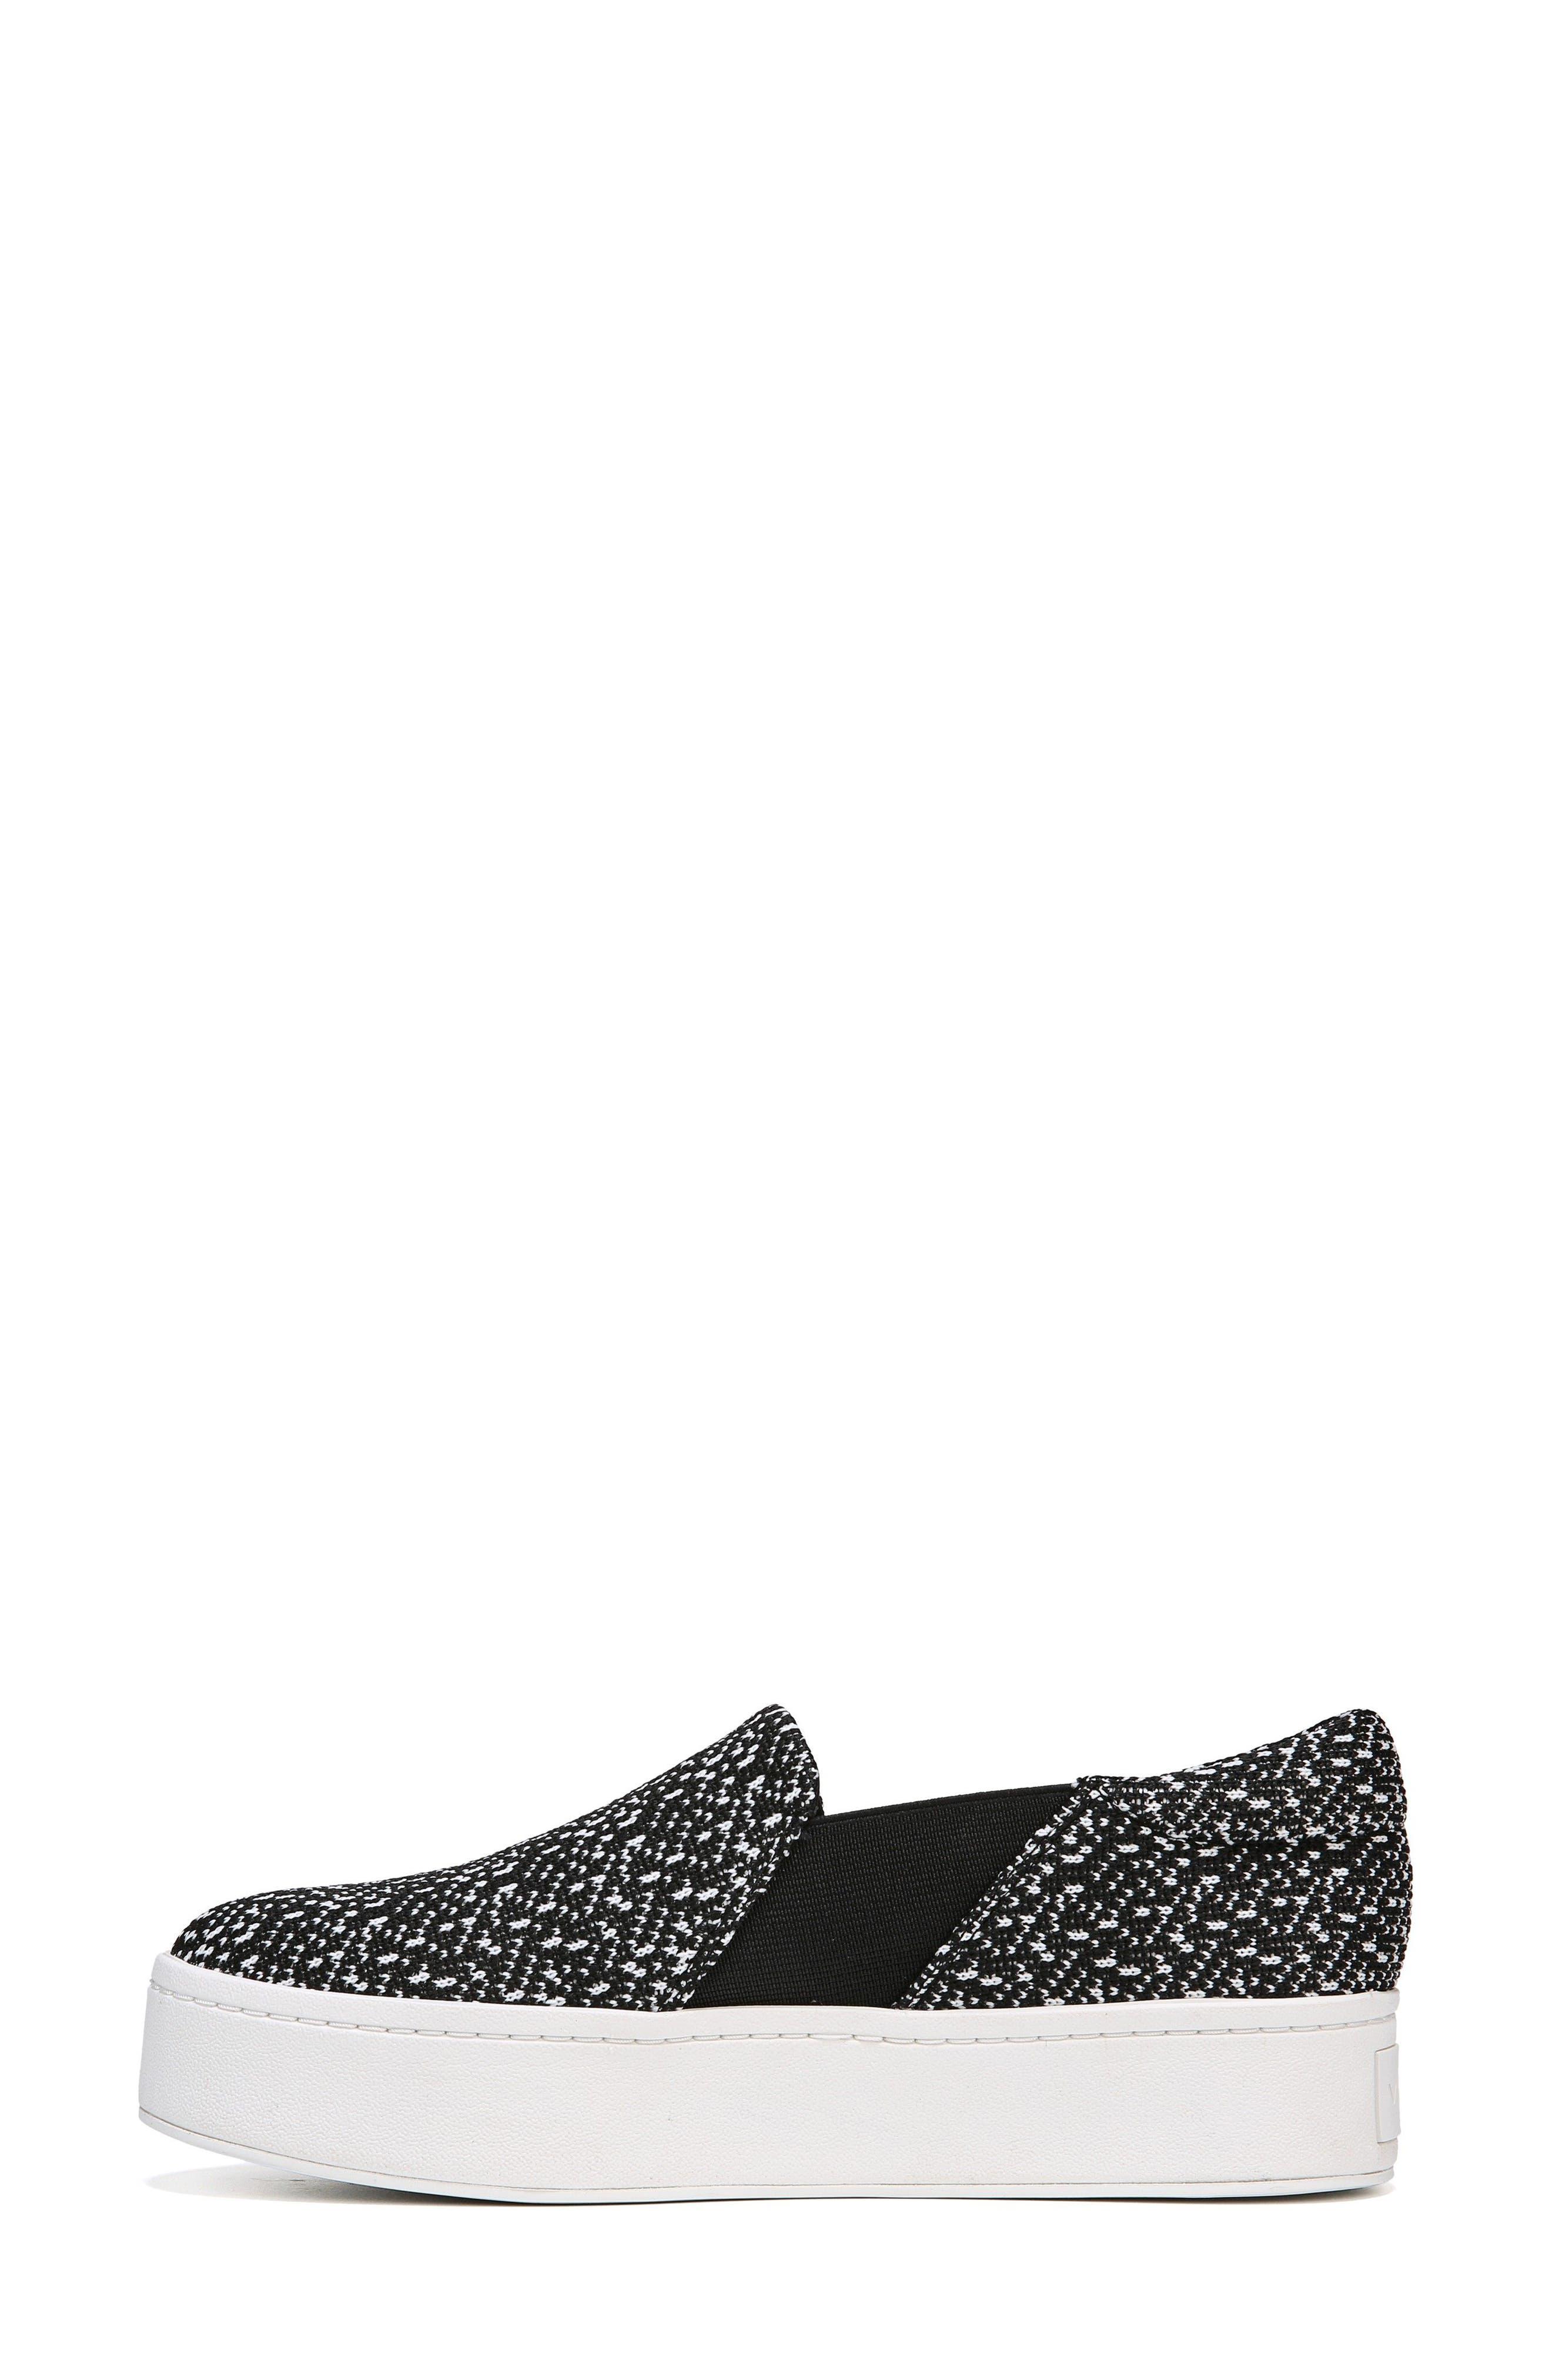 Warren Slip-On Sneaker,                             Alternate thumbnail 7, color,                             BLACK/ WHITE